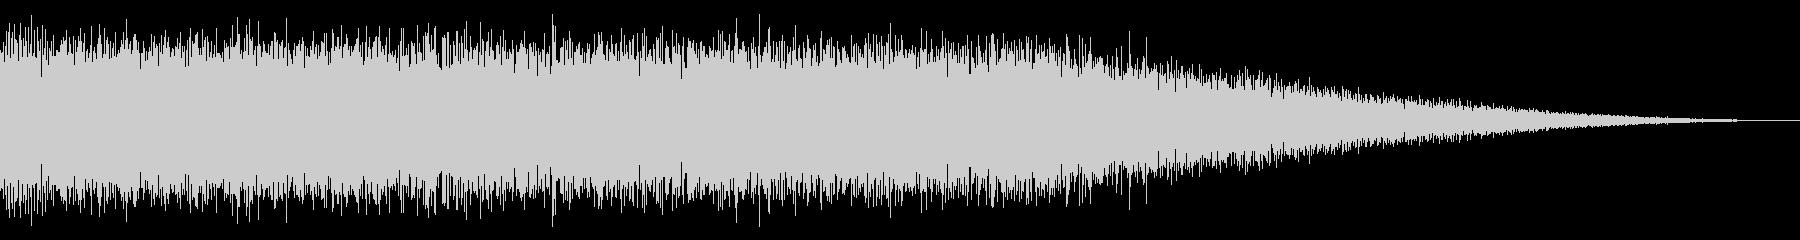 戦車の走行音/キャタピラの効果音05の未再生の波形